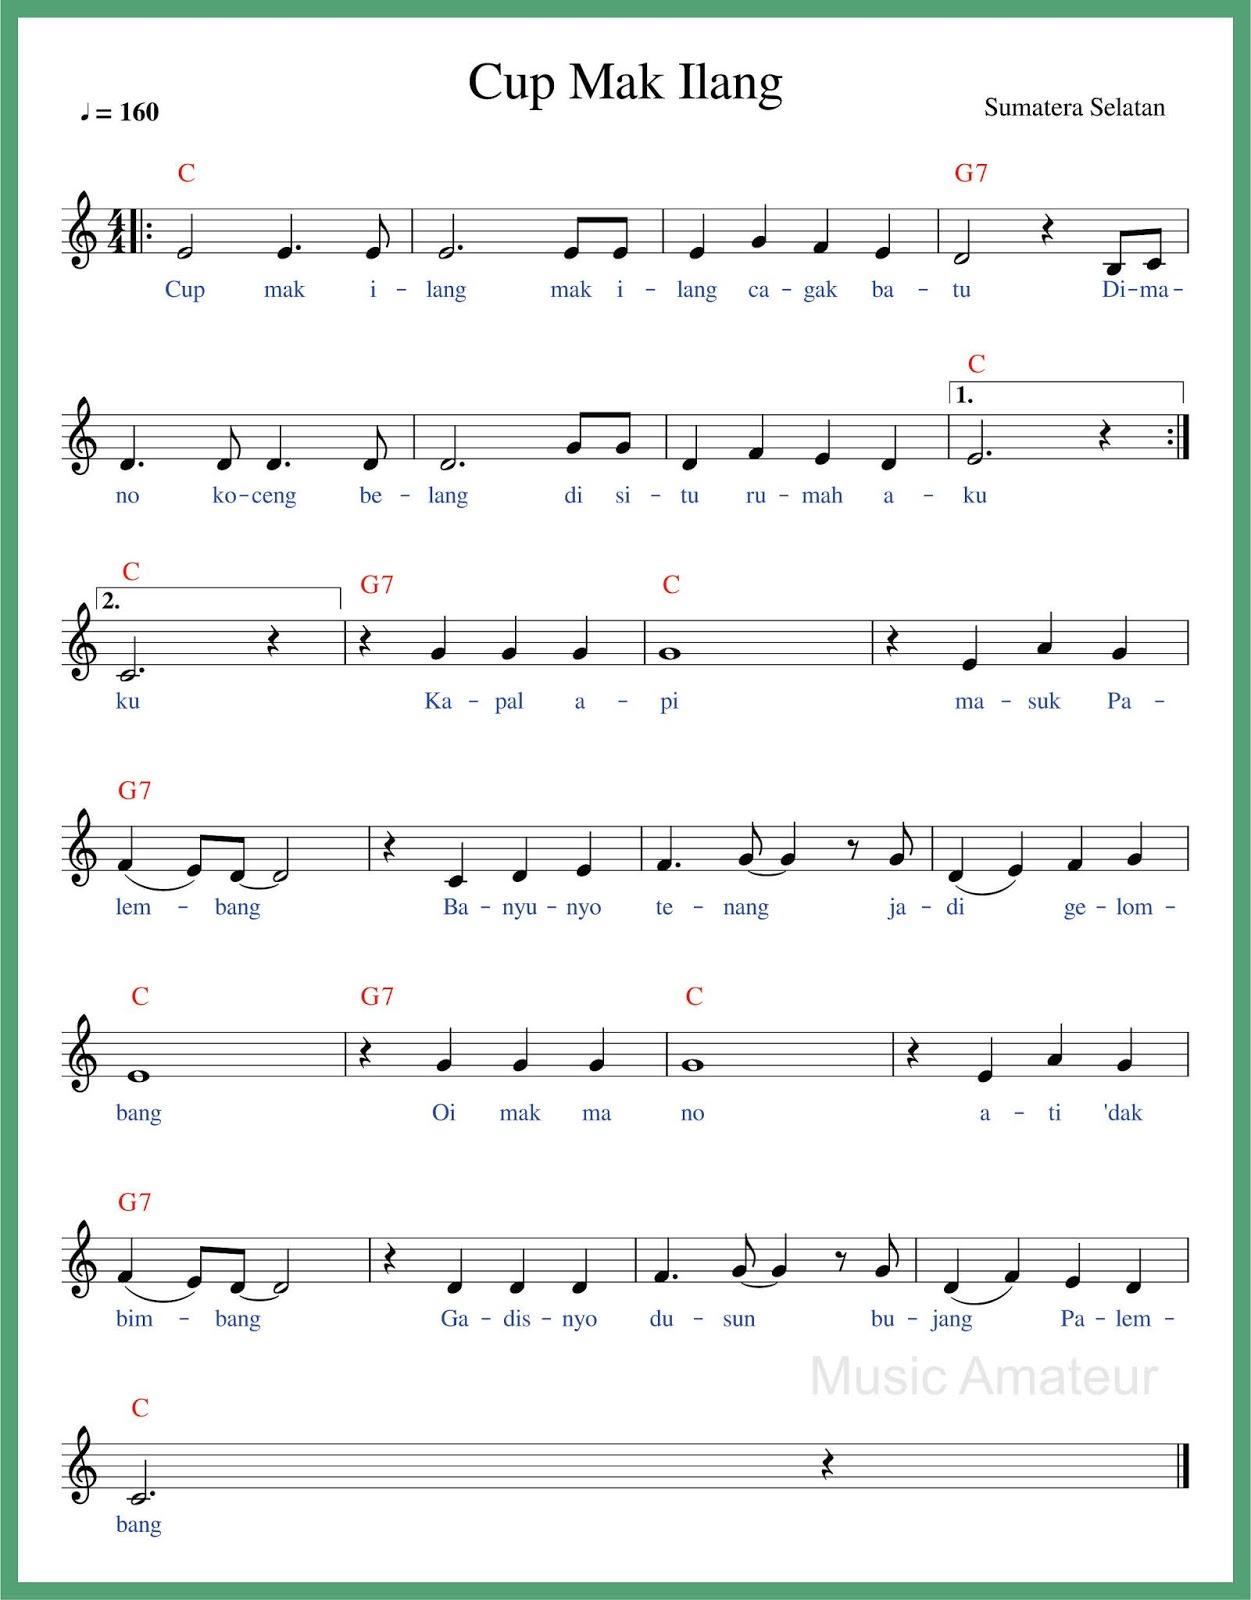 Lagu Daerah Lahat Sumatera Selatan : daerah, lahat, sumatera, selatan, Daerah, Sumatera, Selatan